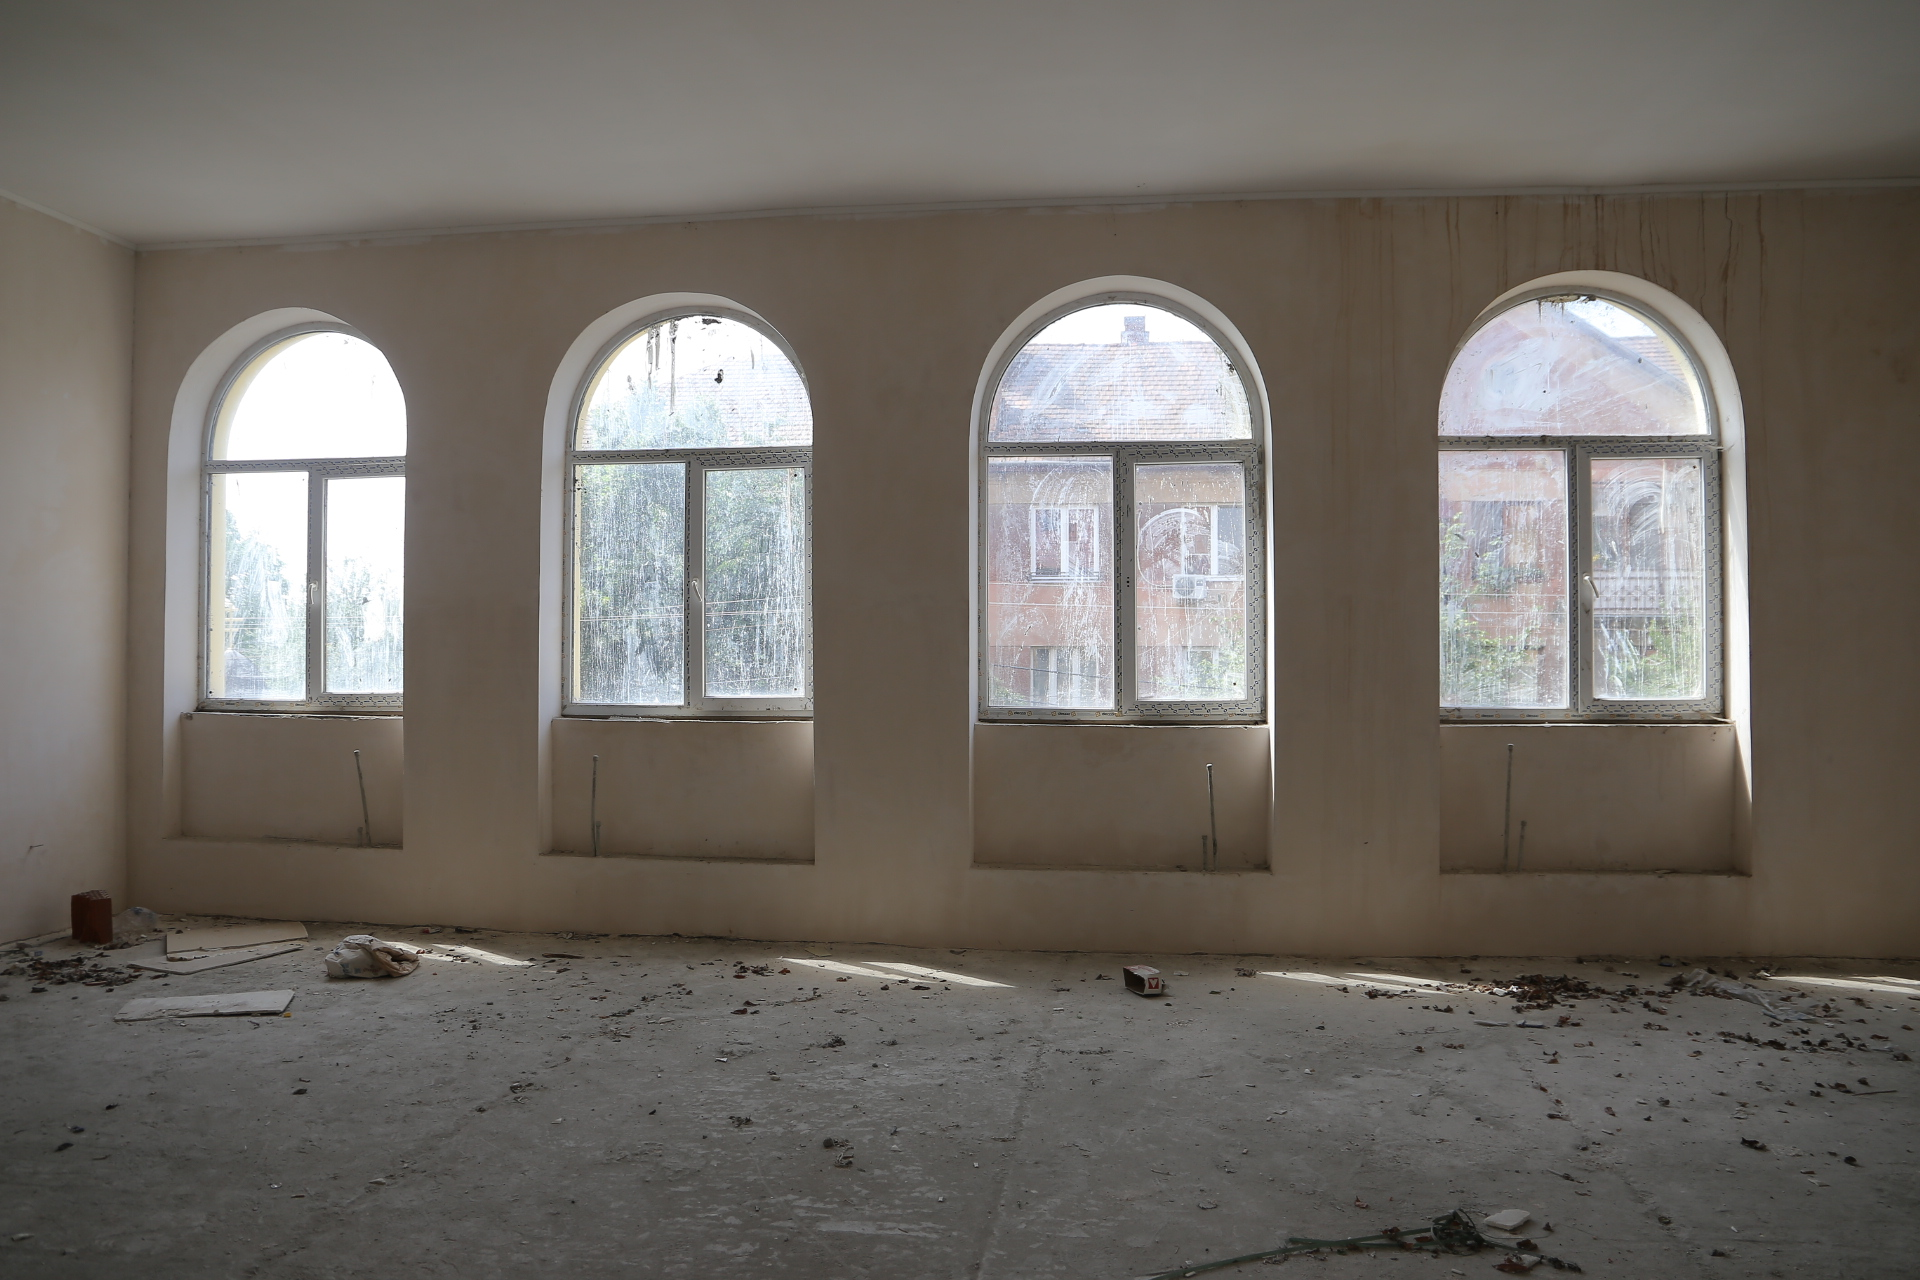 Колишній Будинок офіцерів в Мукачеві стане Палацом культури і мистецтва